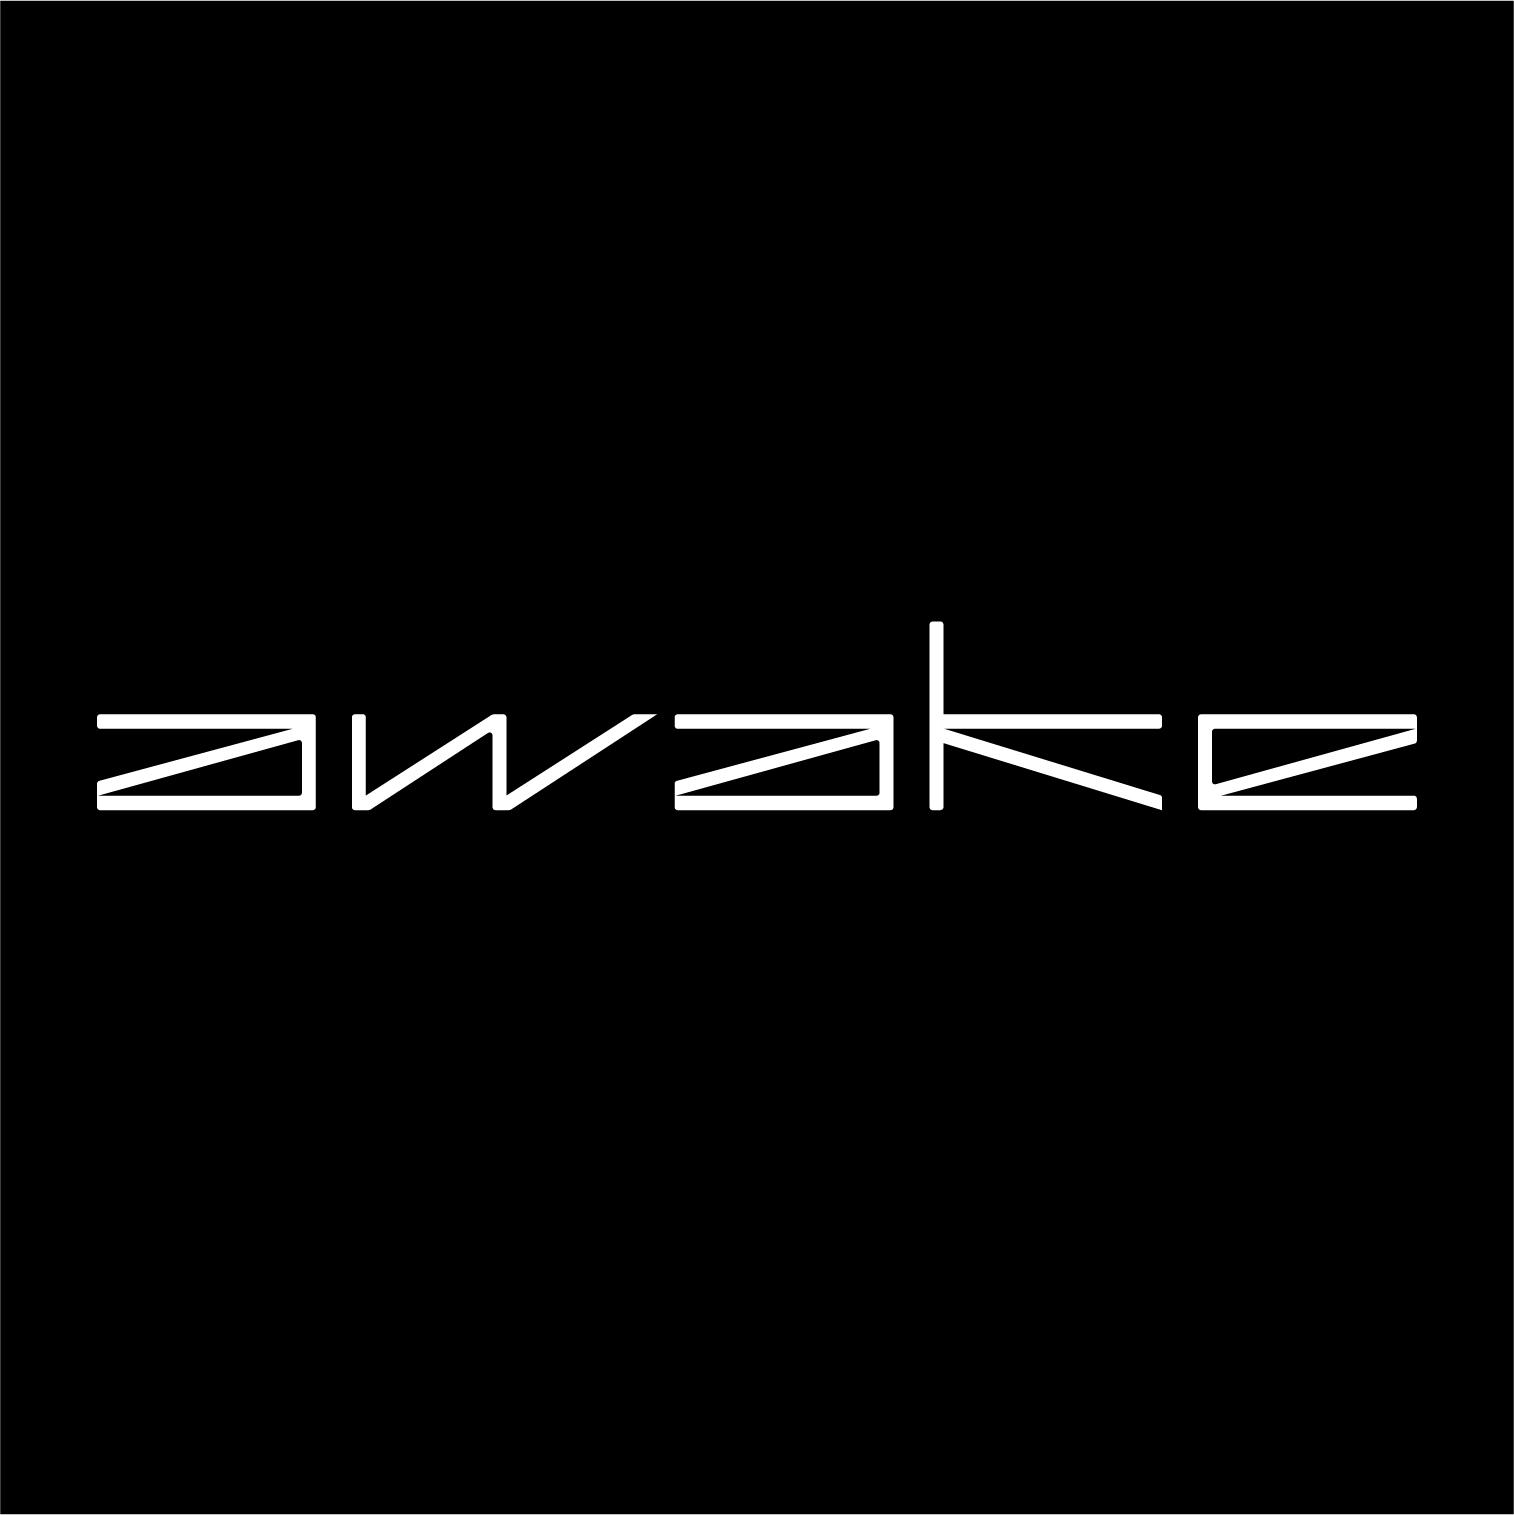 Awake Electric Surfboard A